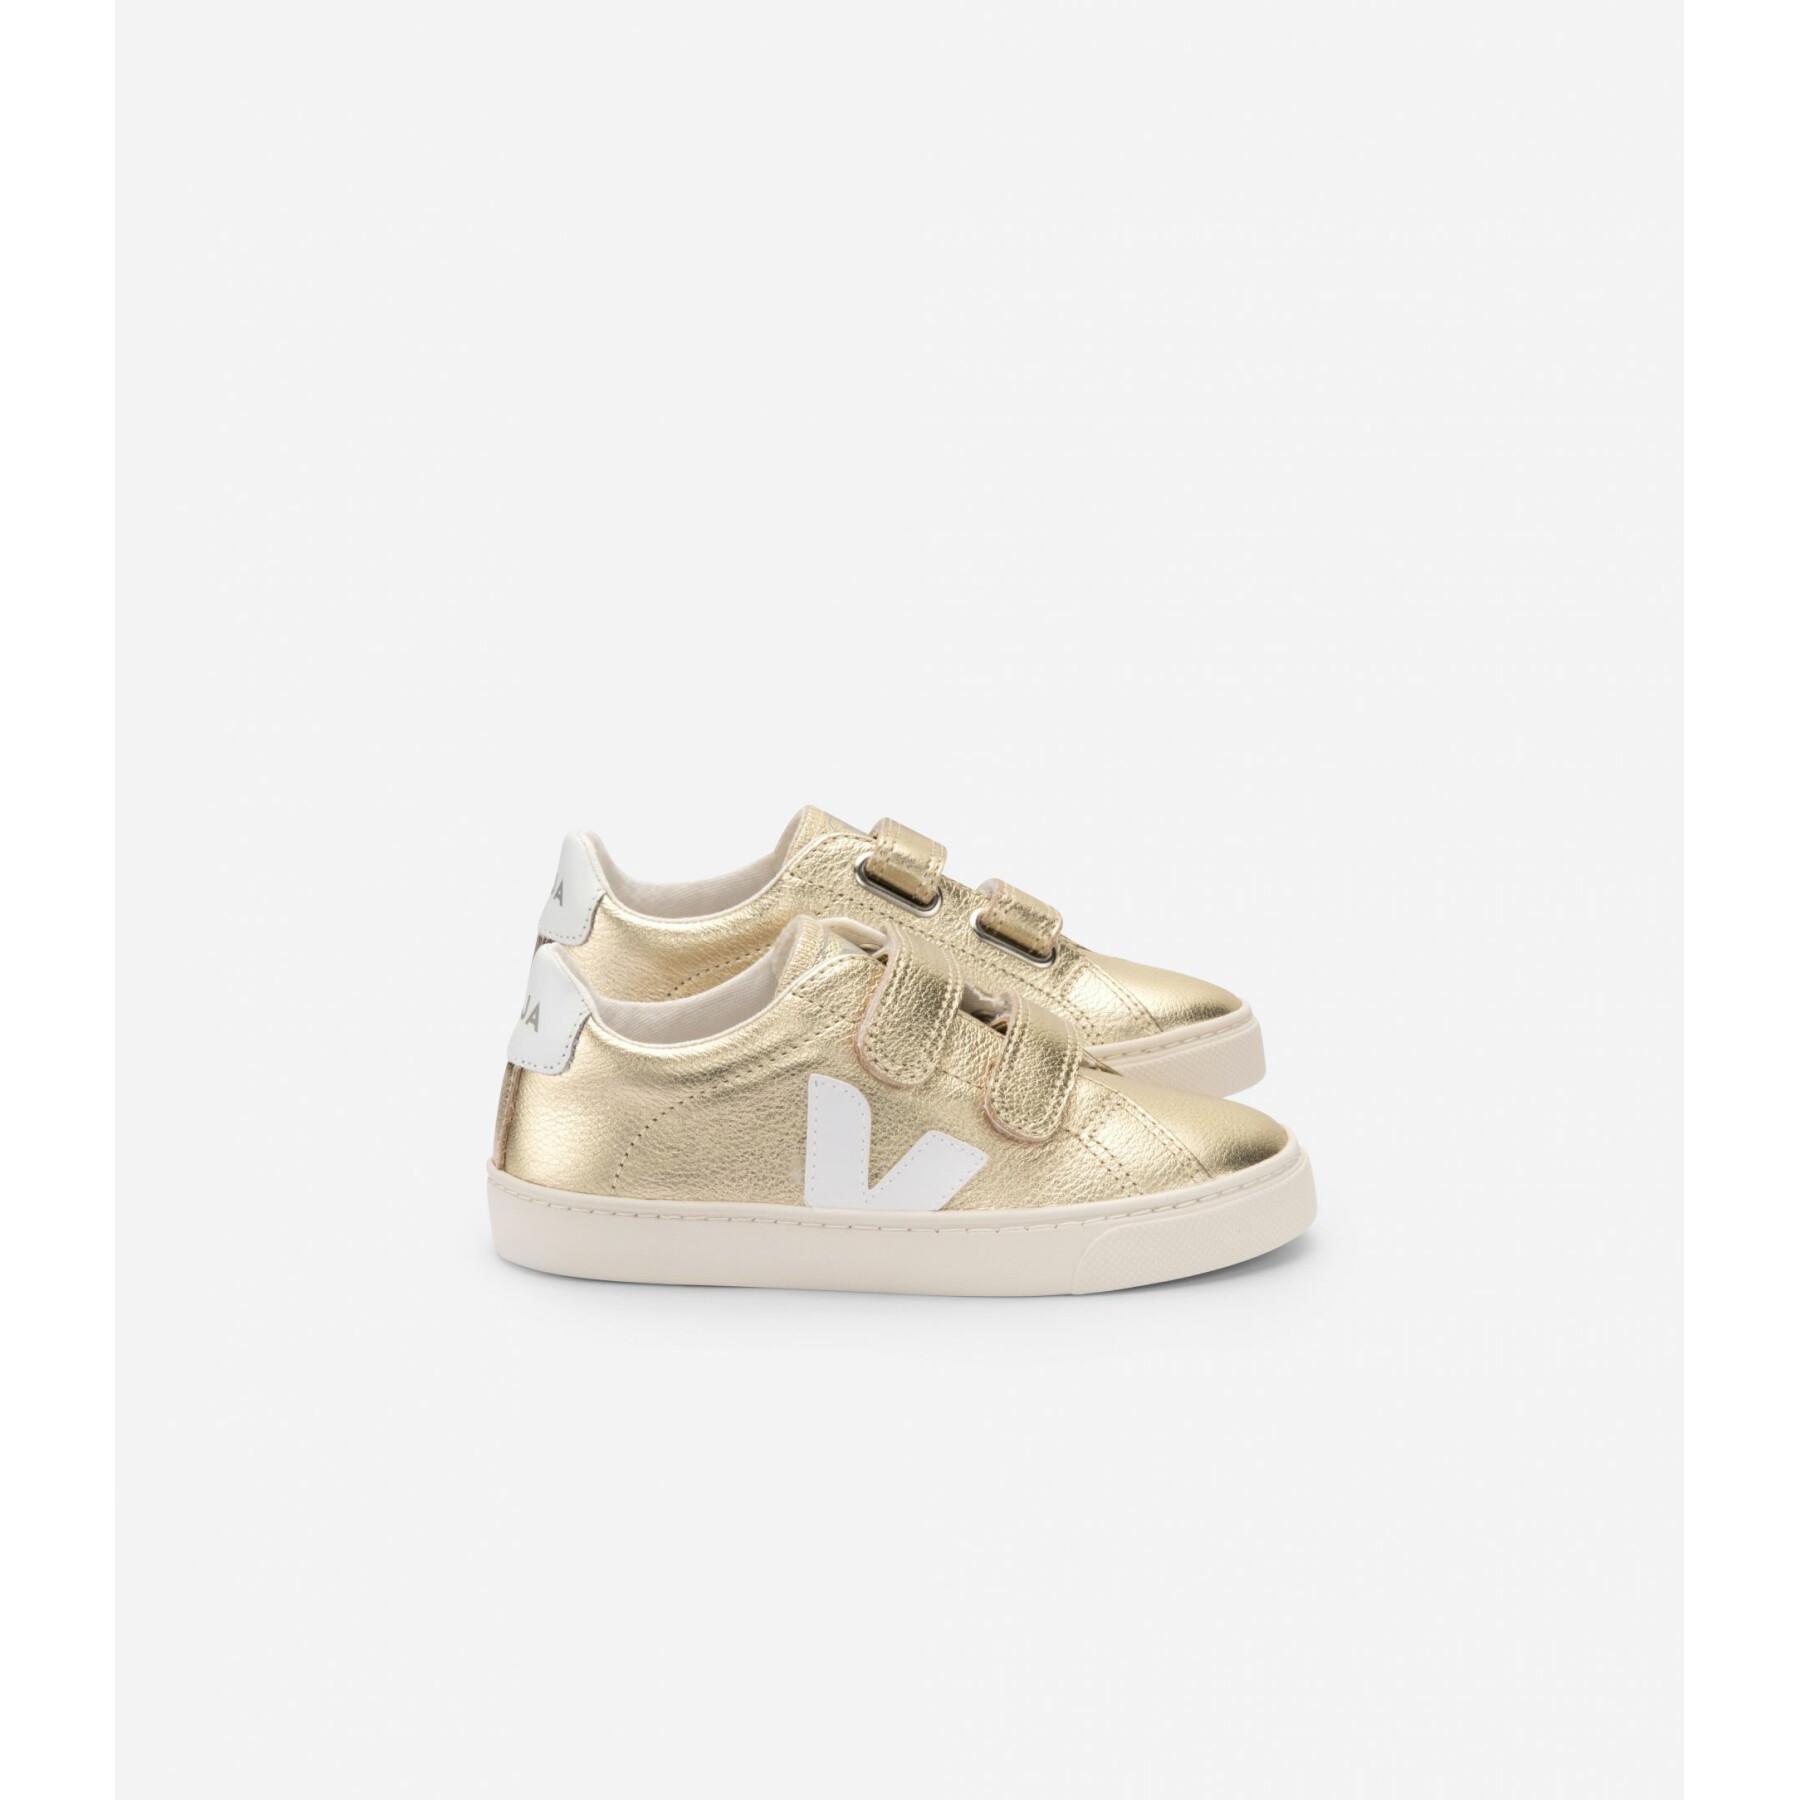 Children's shoes Veja Esplar Leather Gold